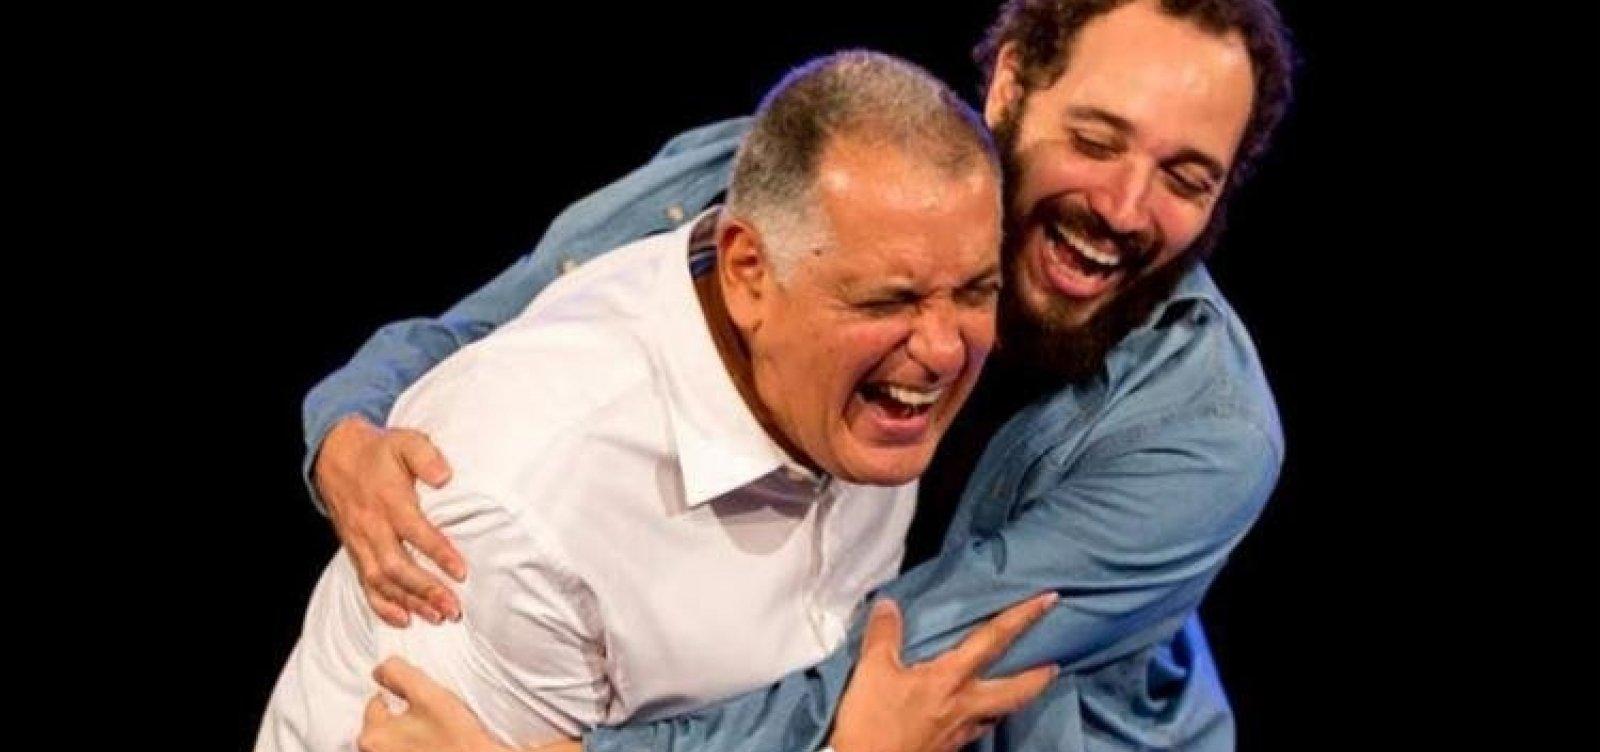 [Coronavírus: peças de teatro serão transmitidas online de graça; saiba mais]